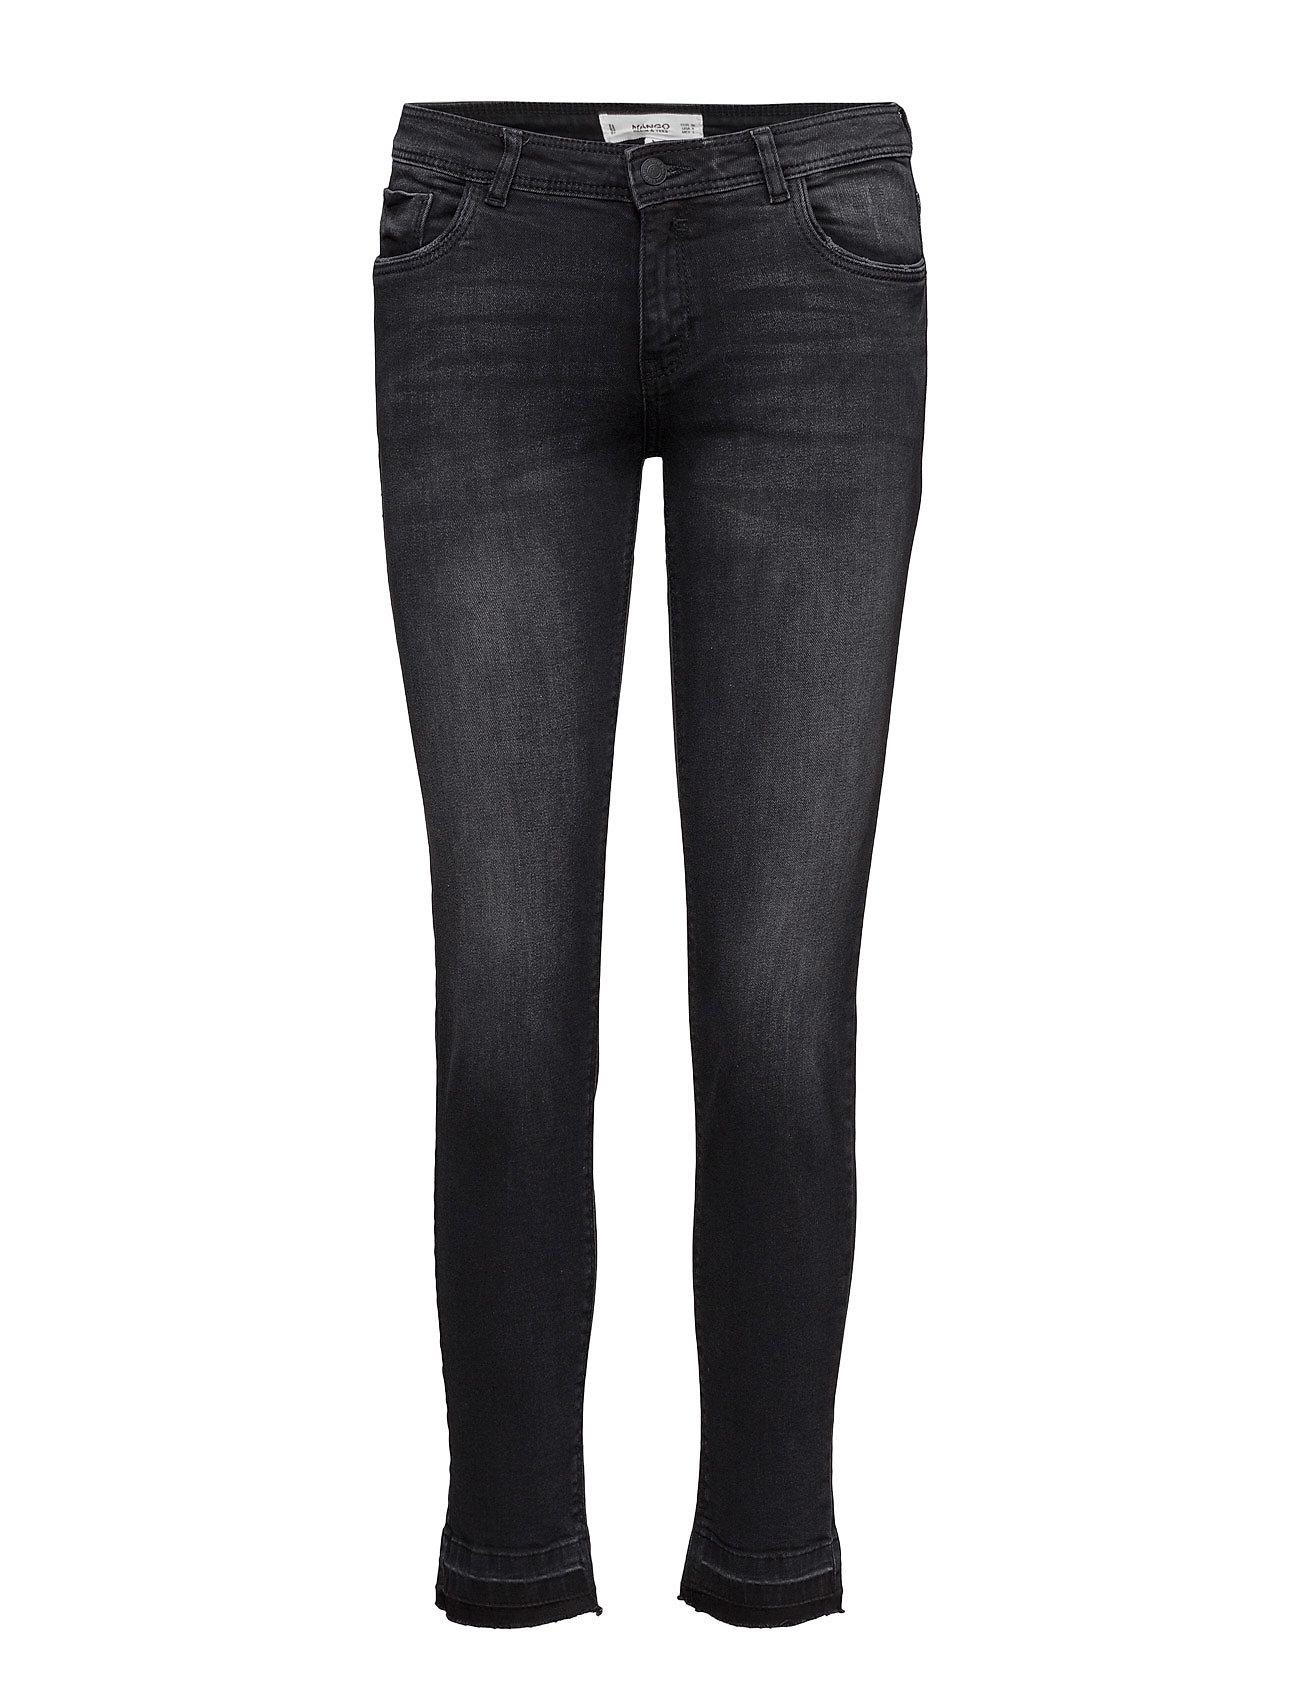 Low Waist Mery Jeans Mango Skinny